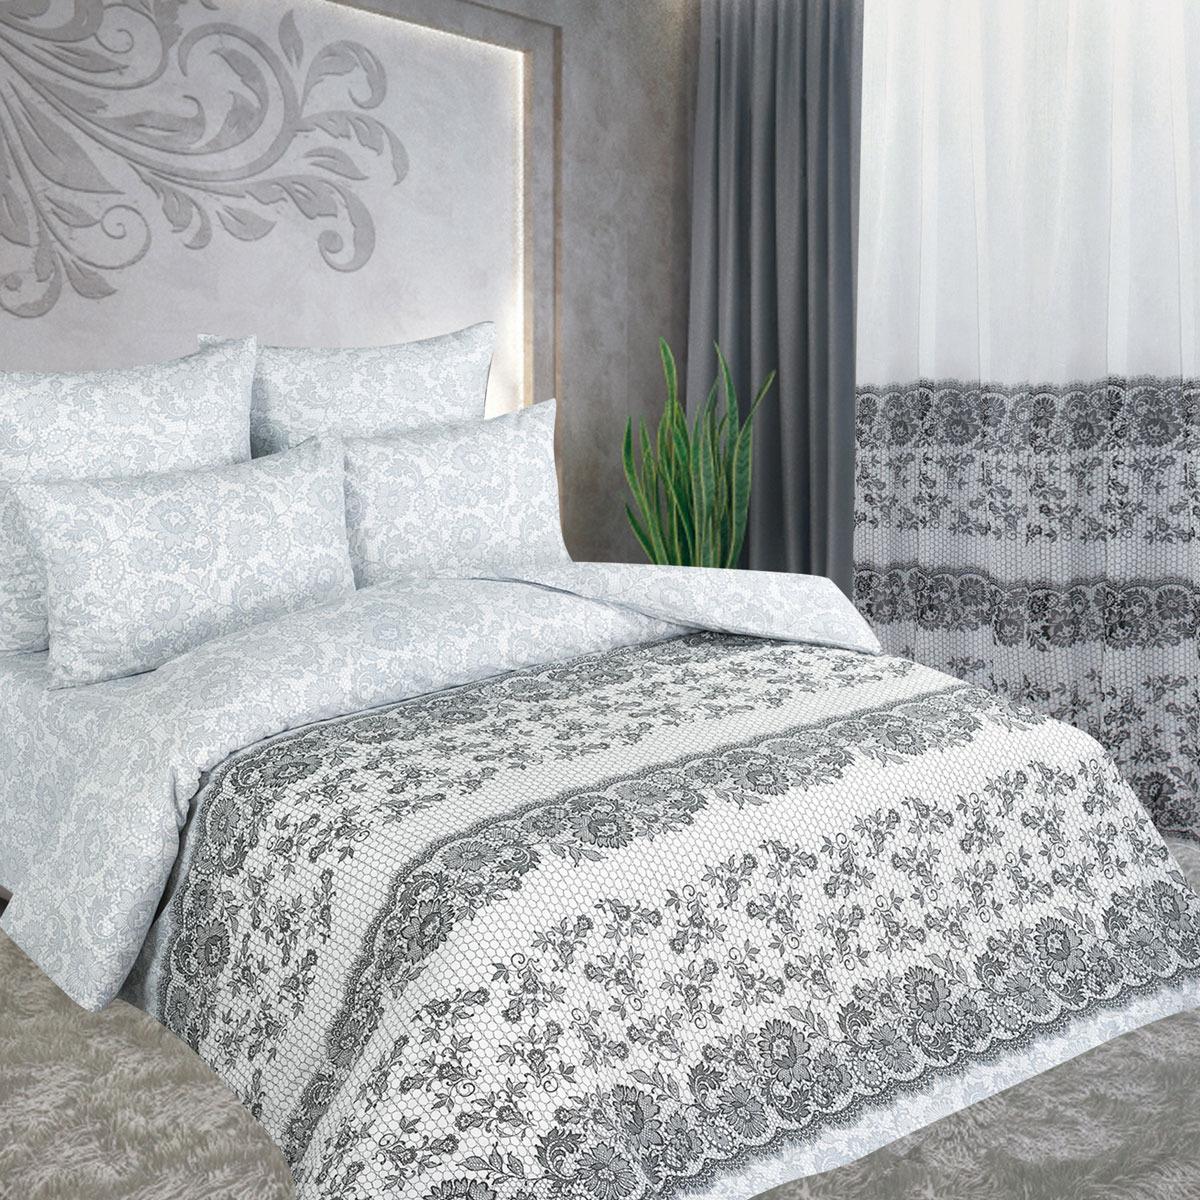 Комплект белья Amore Mio Нежность, 1,5-спальный, наволочки 70x70, цвет: кремовый, коричневый. 88541